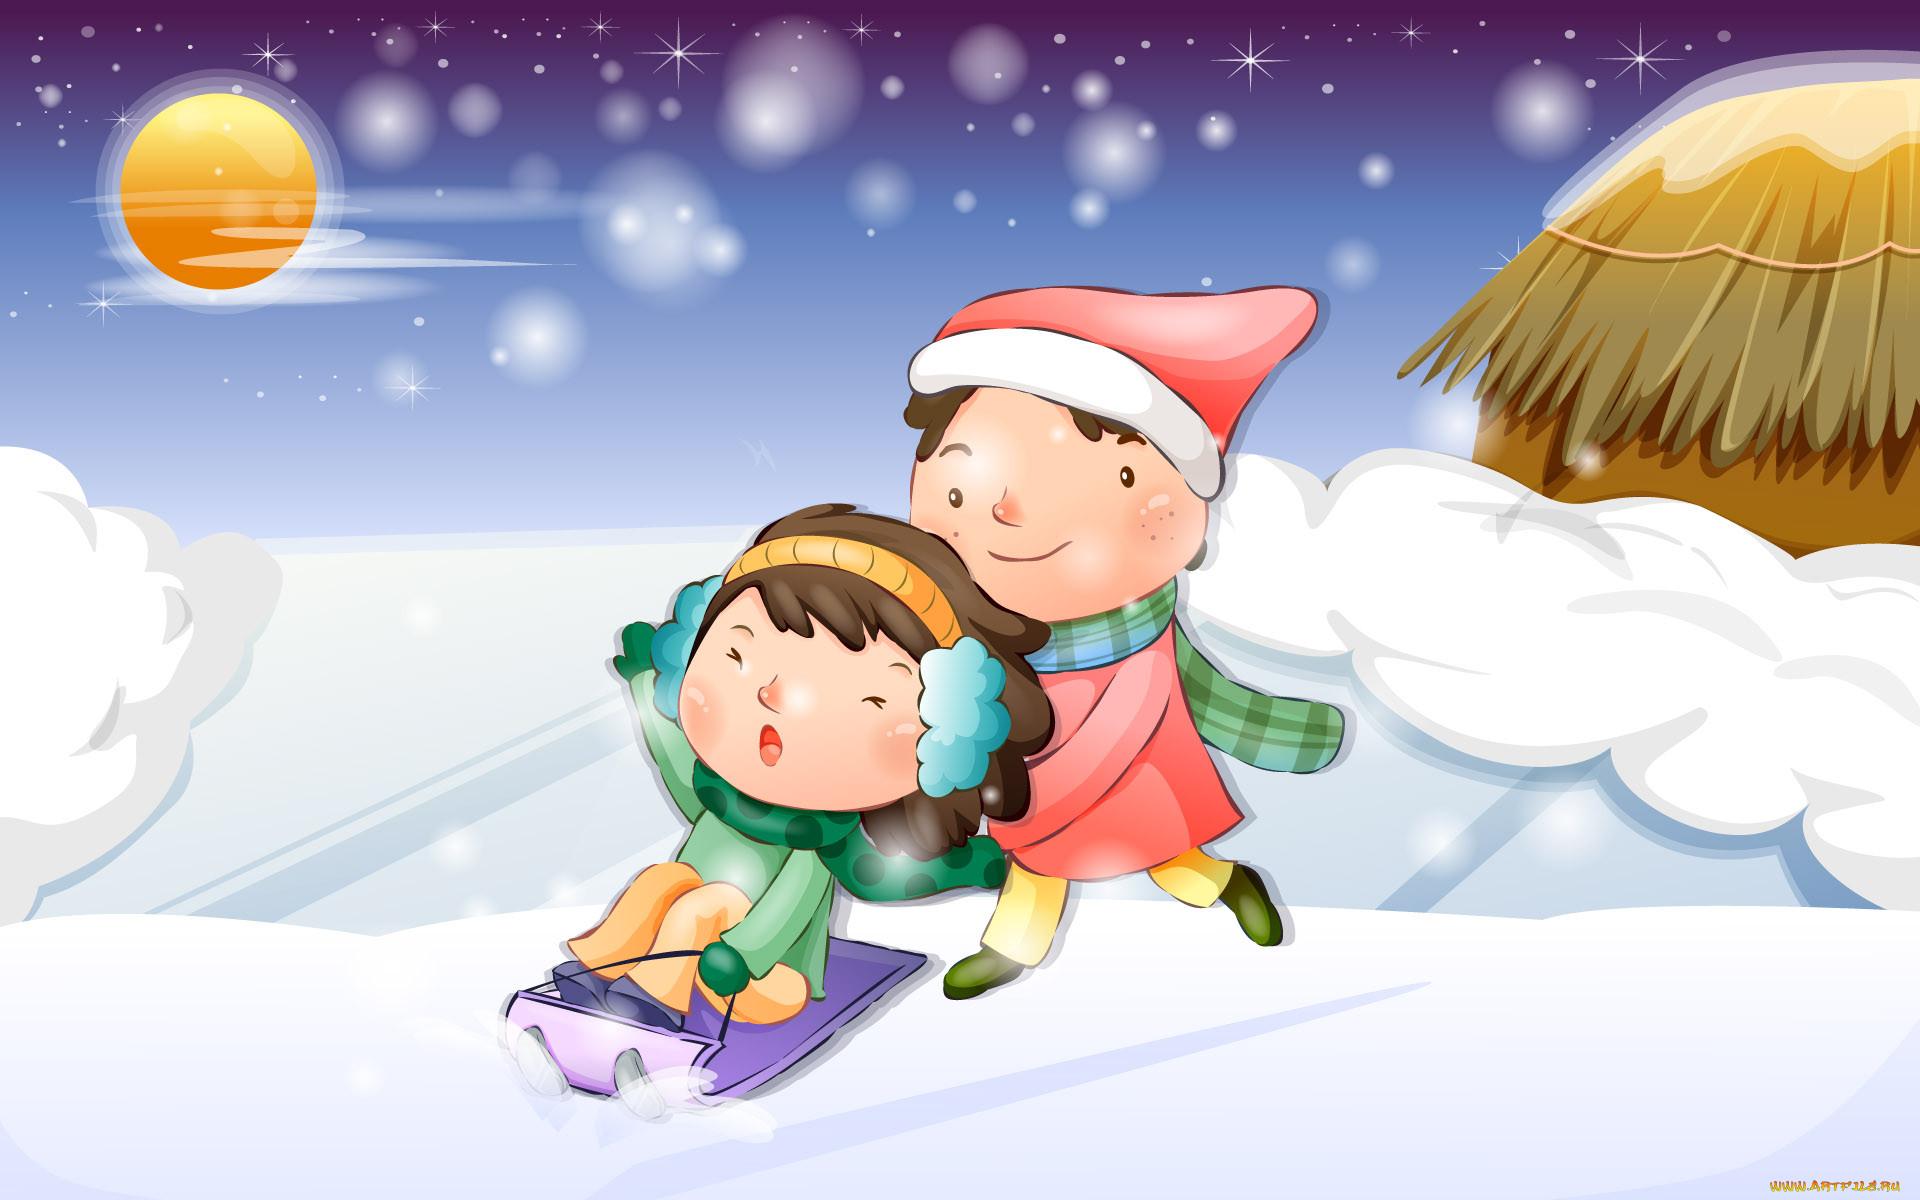 Погода зима картинки для детей